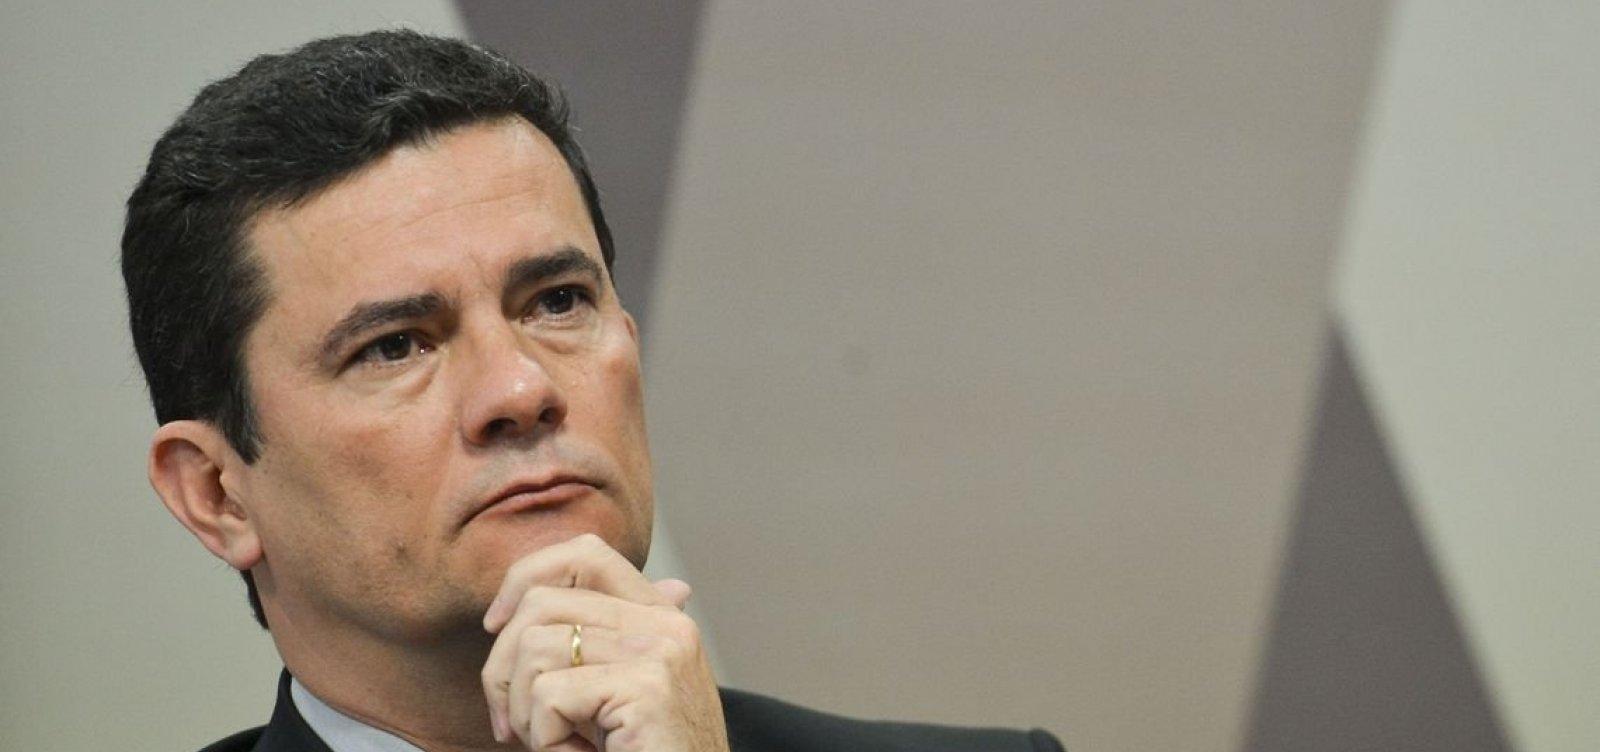 [Sergio Moro 'é patrimônio nacional', defende Jair Bolsonaro]